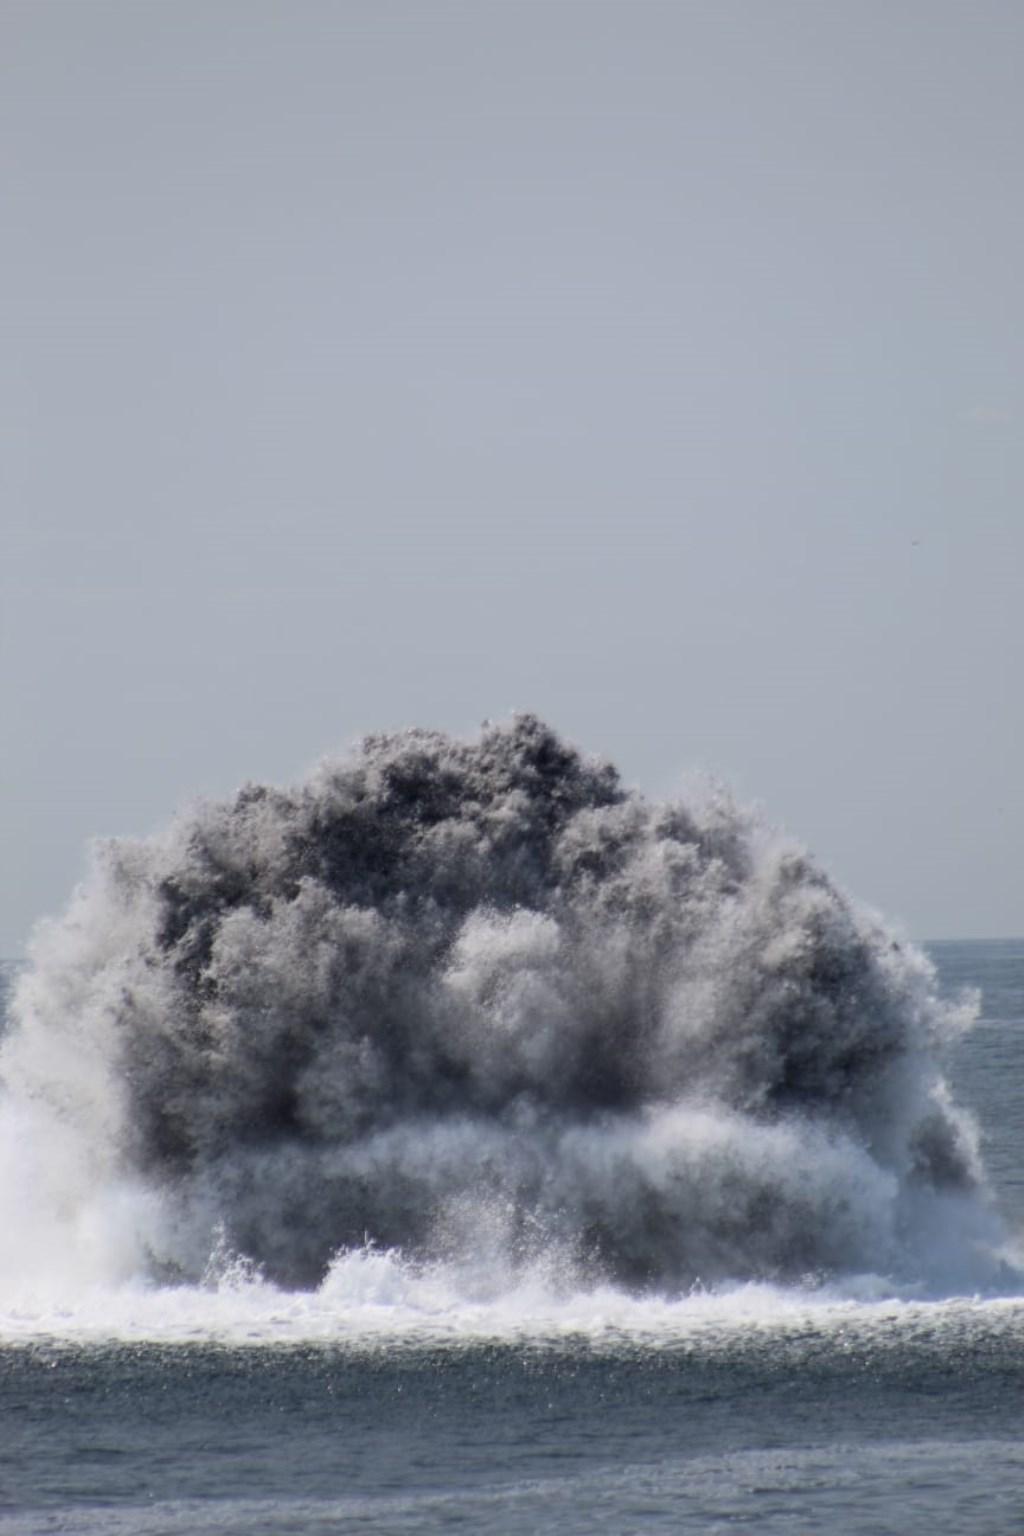 Omdat enkele zeemijnen dicht bij pijpleidingen en kabels lagen, moesten deze eerst verplaatst worden naar een veilige locatie voor ontploffing. (Foto: aangeleverd) © rodi